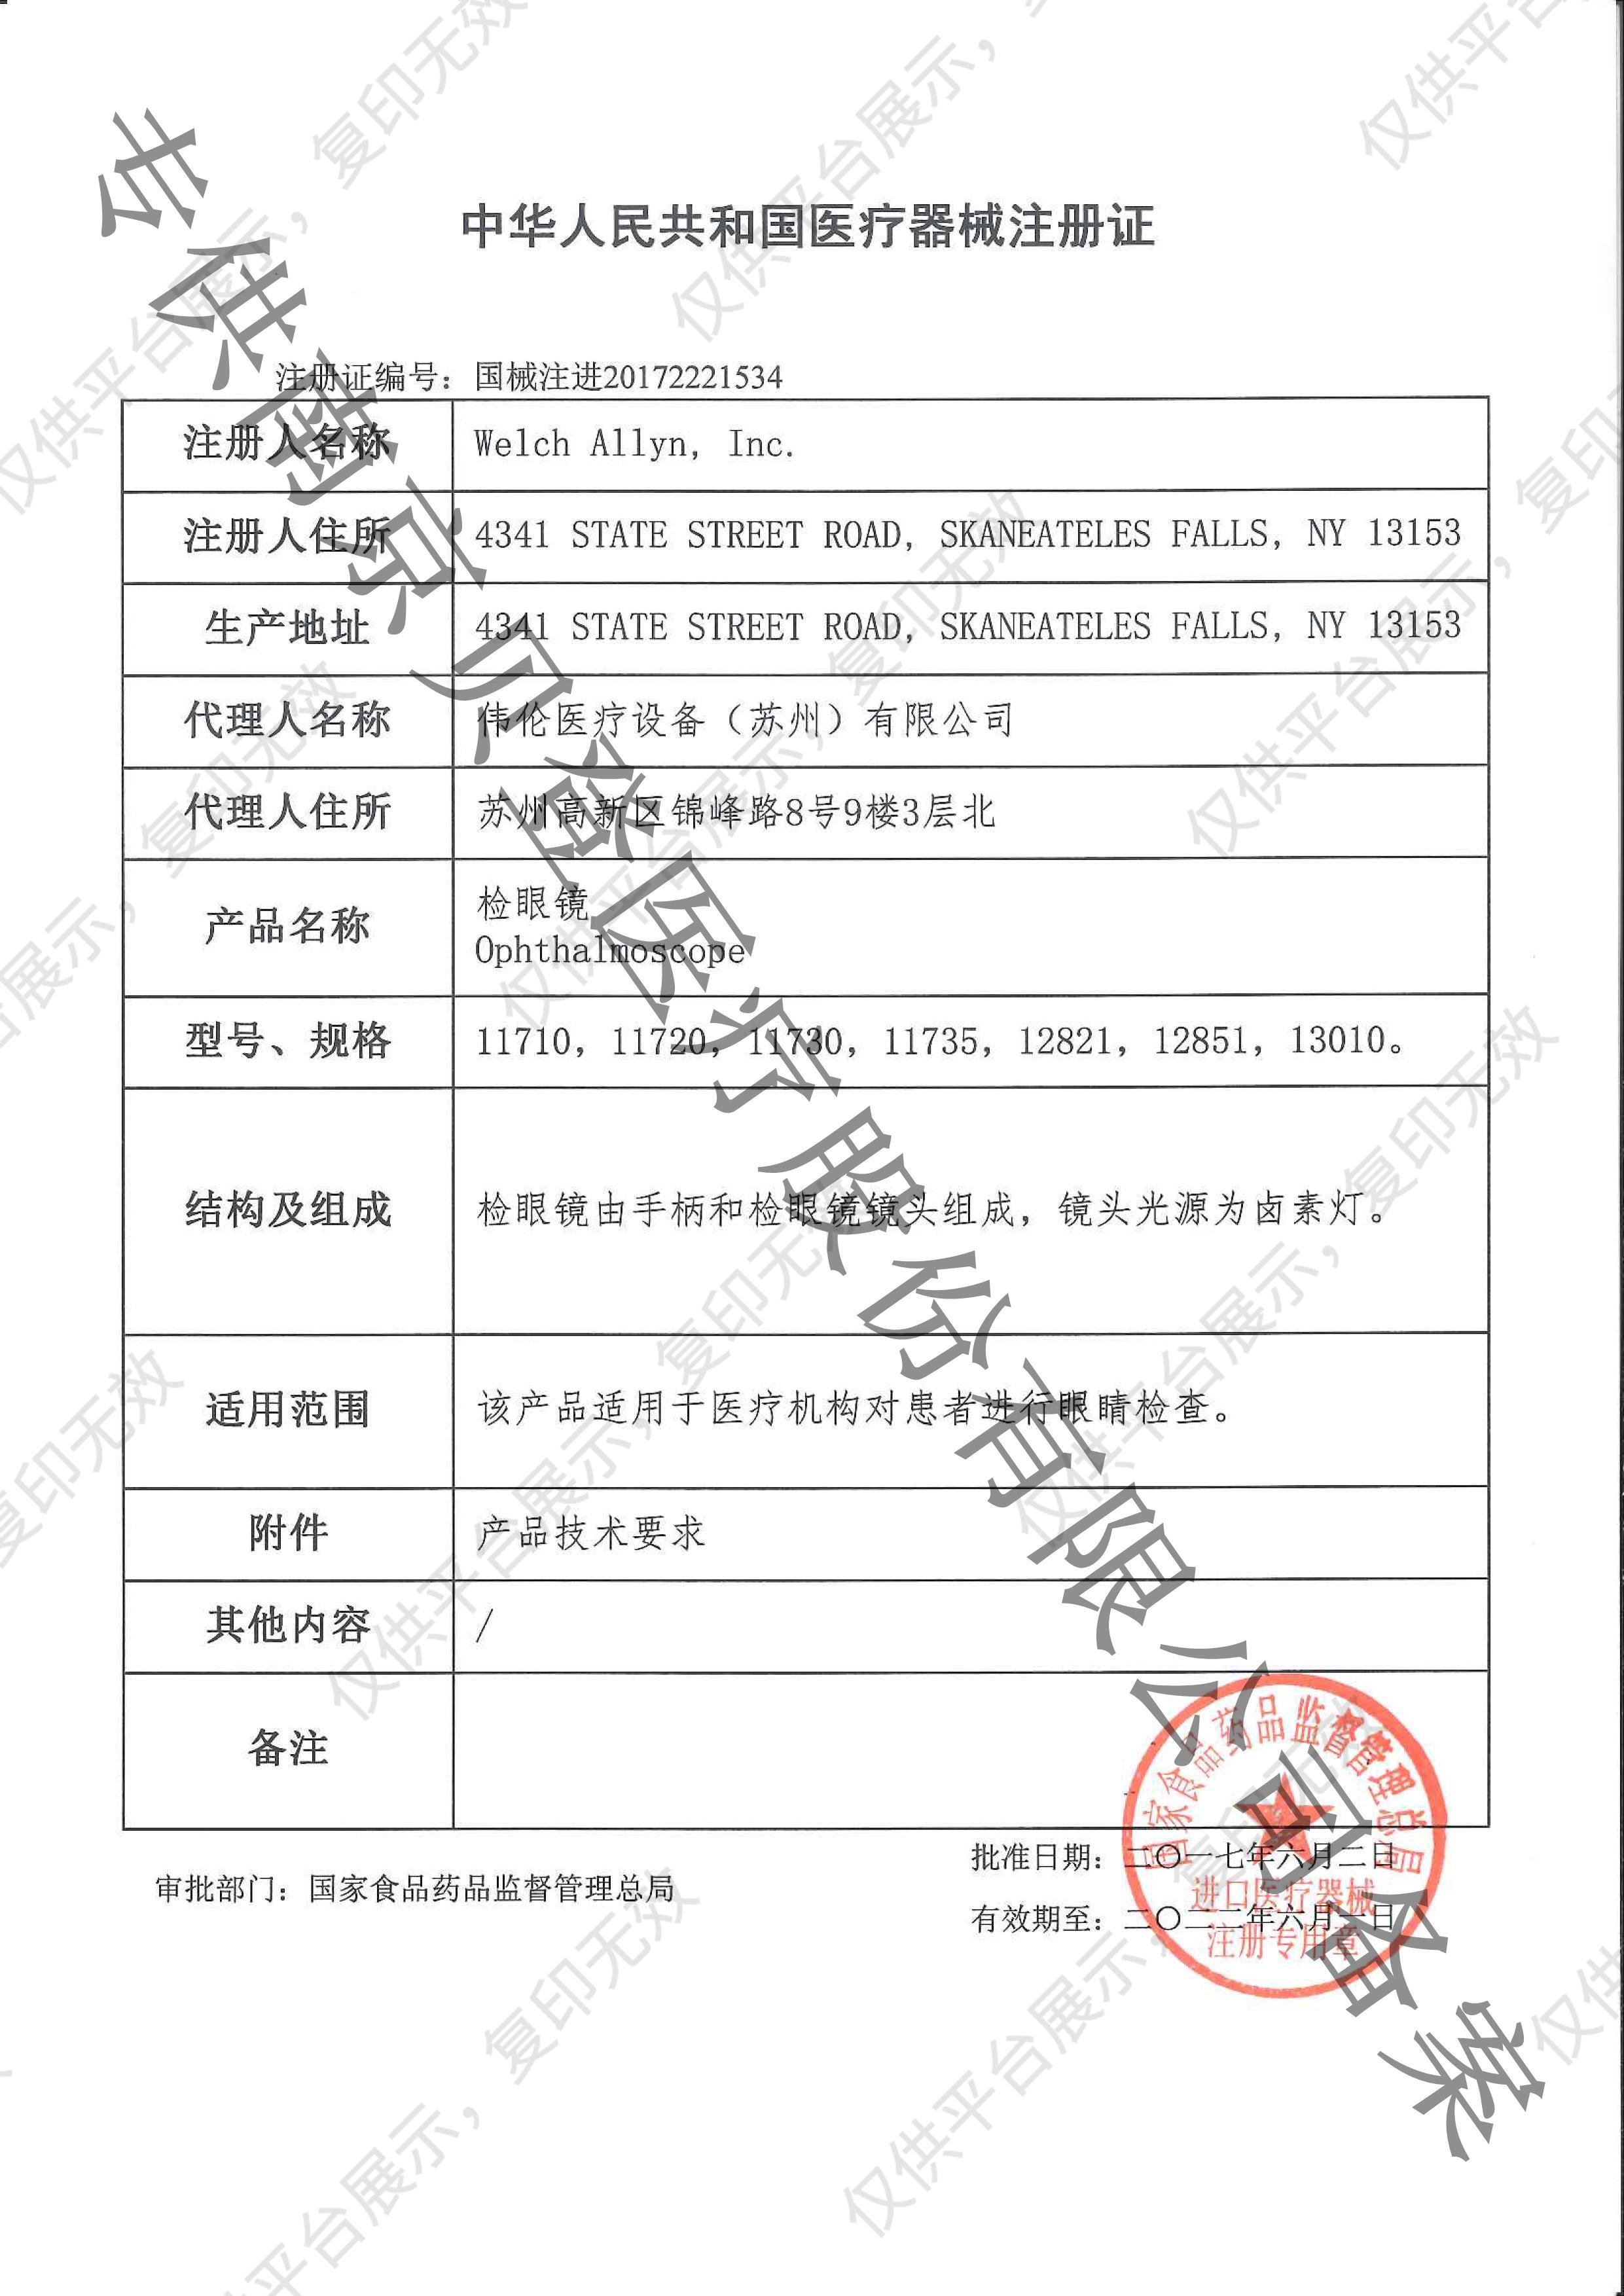 WelchAllyn/伟伦 检眼镜 11720注册证